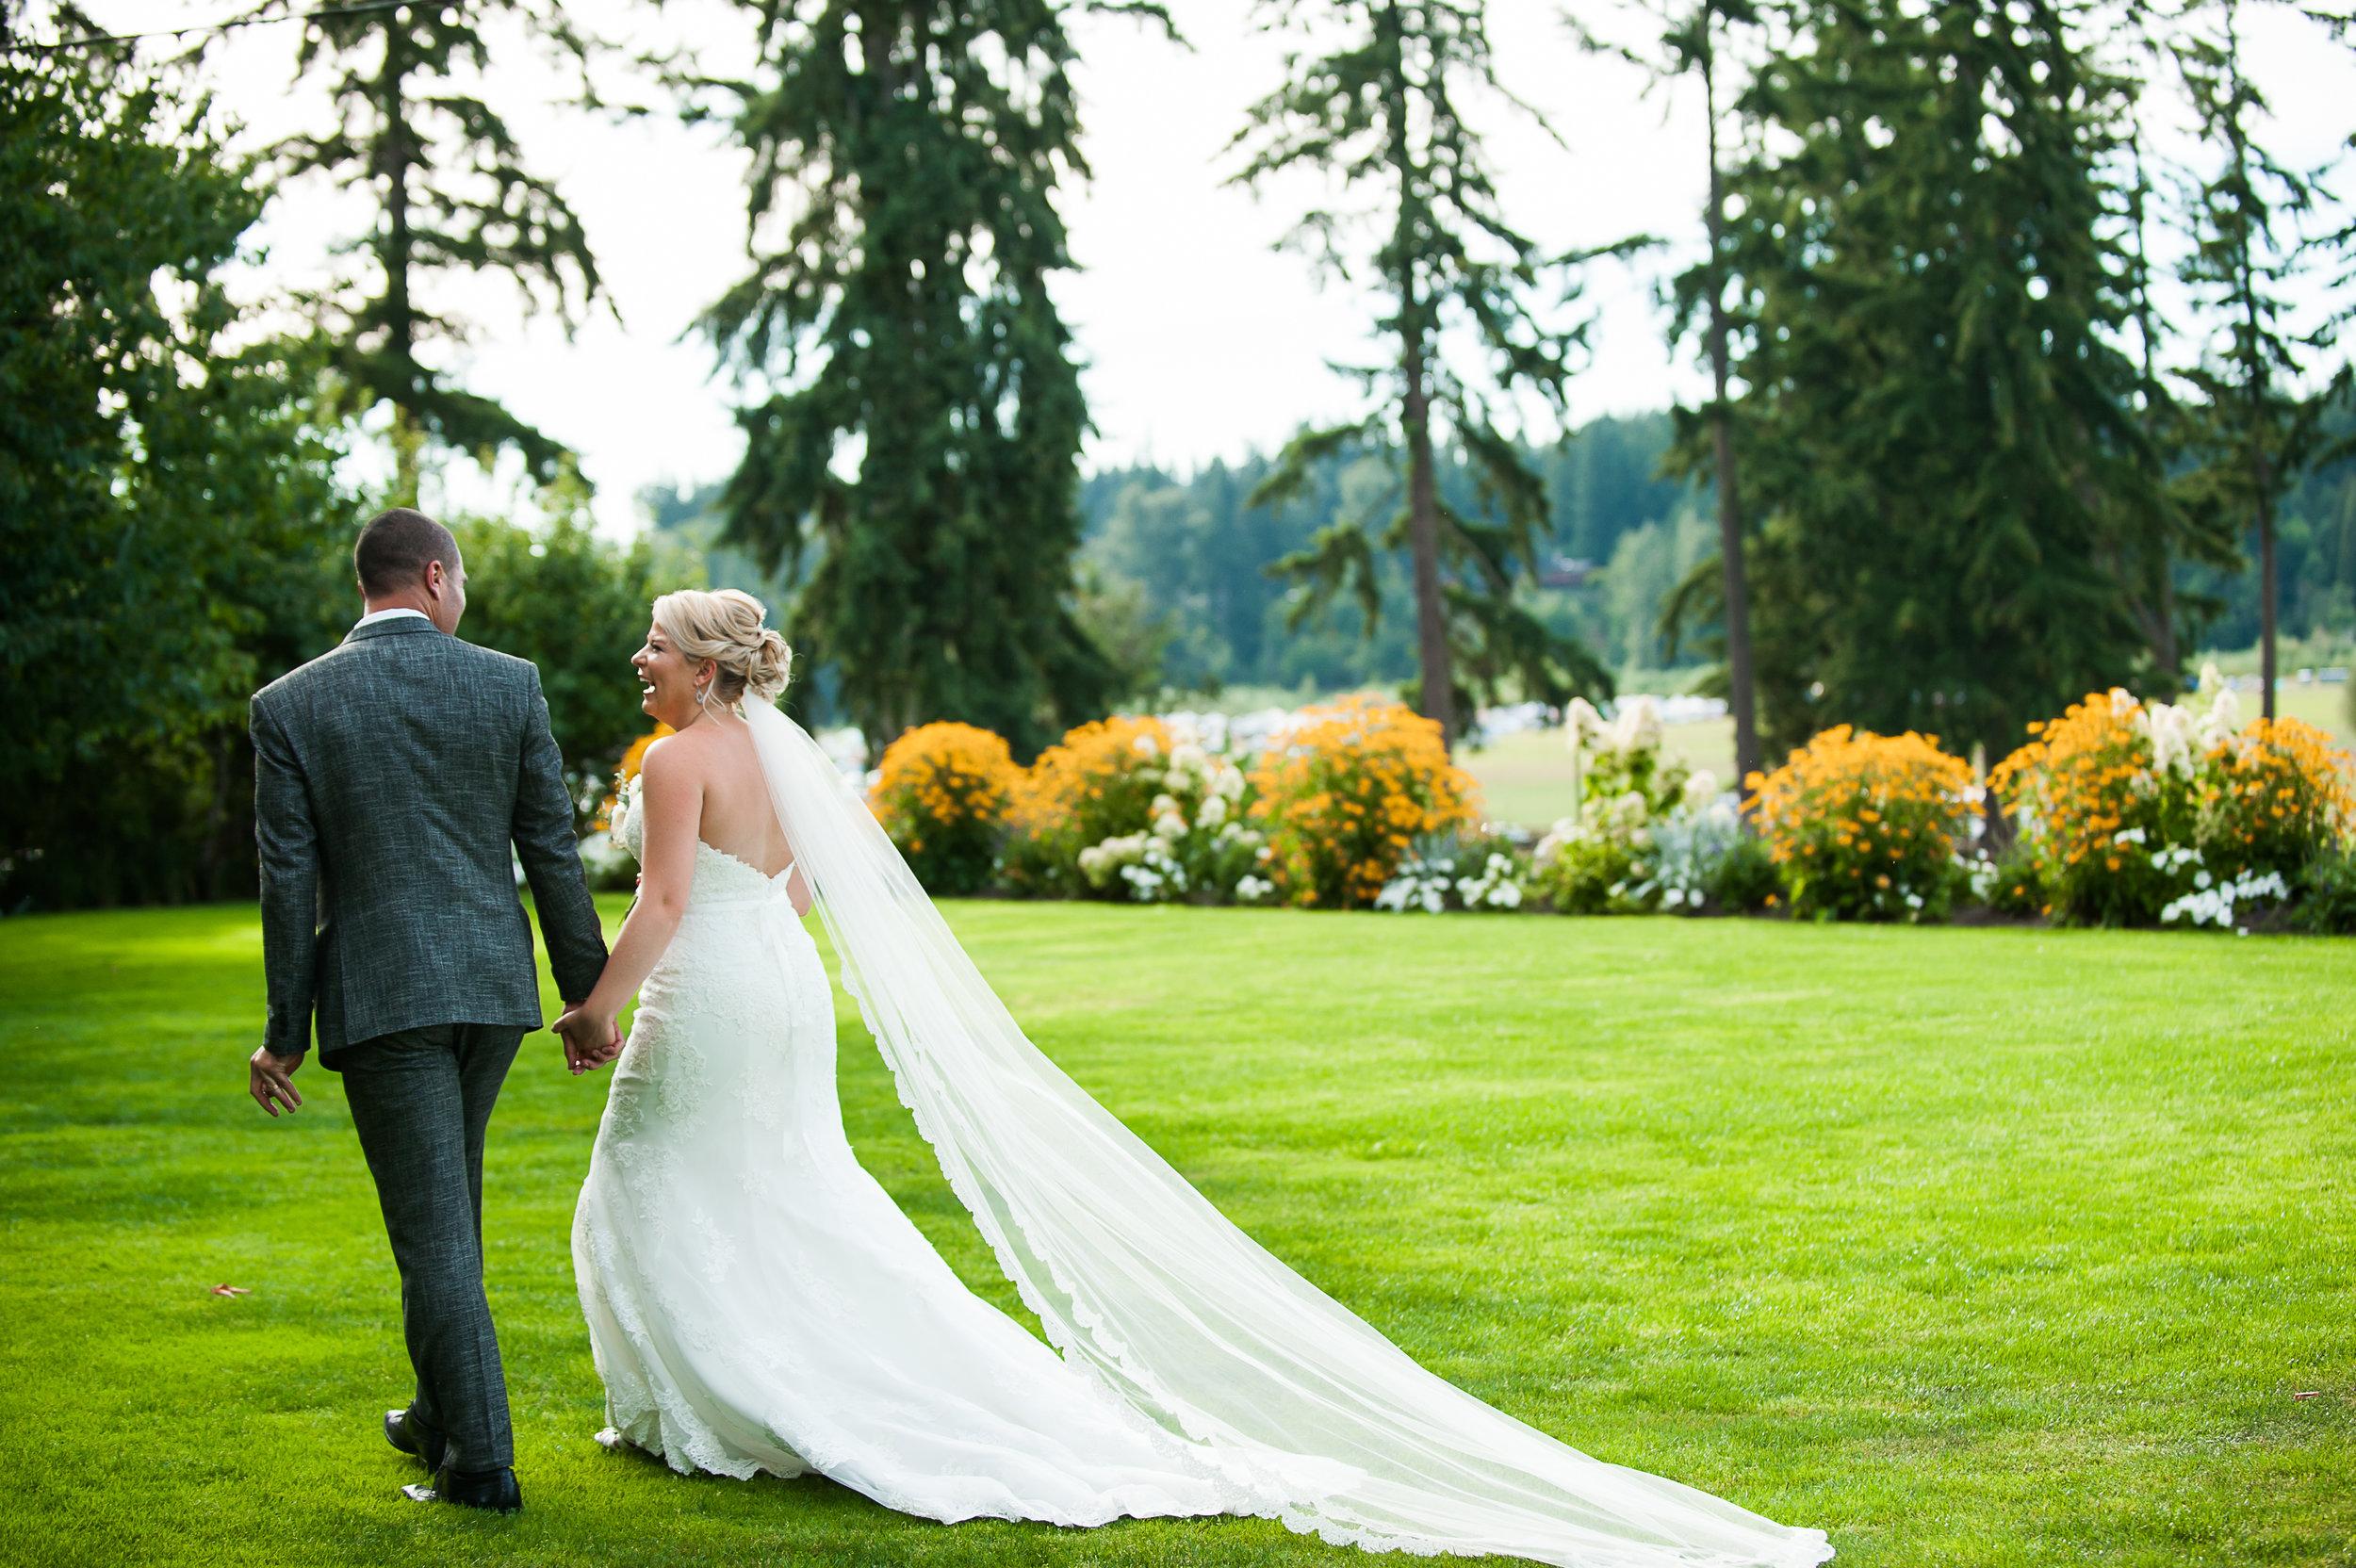 HA-wedding-Van-Wyhe-Photography-470.jpg